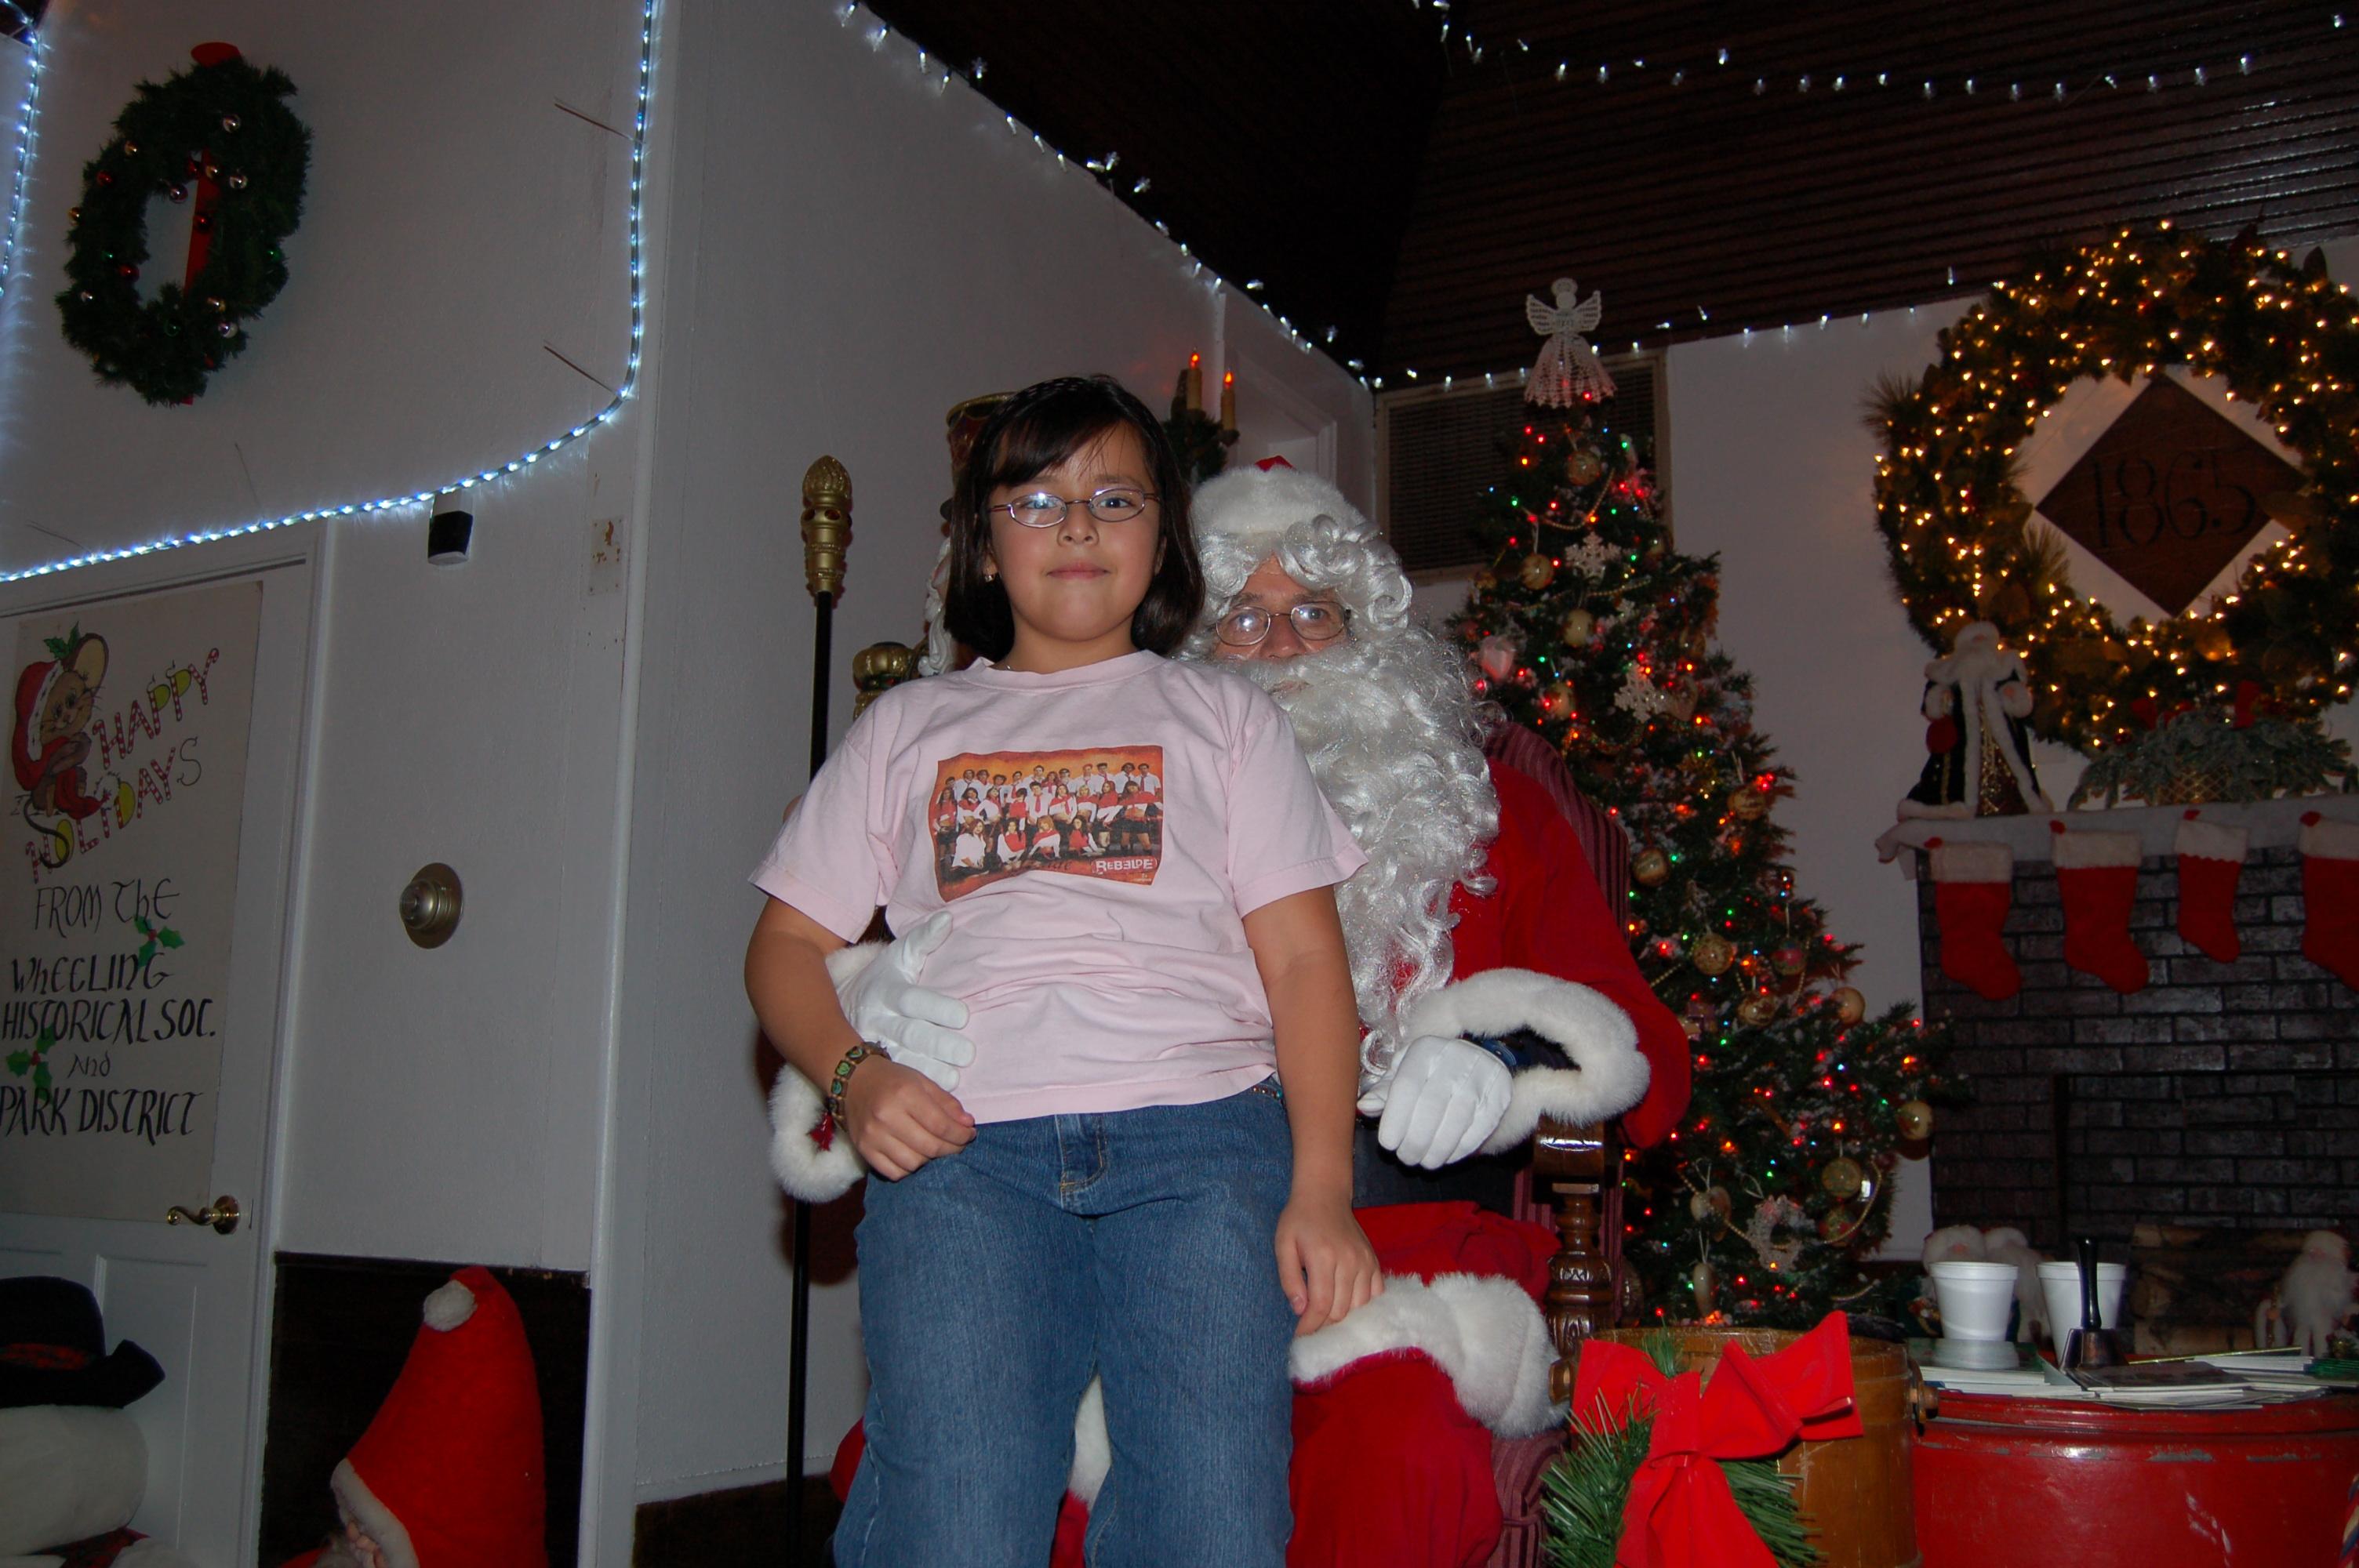 LolliPop+Lane+12-2-2007+Picture+019.jpg